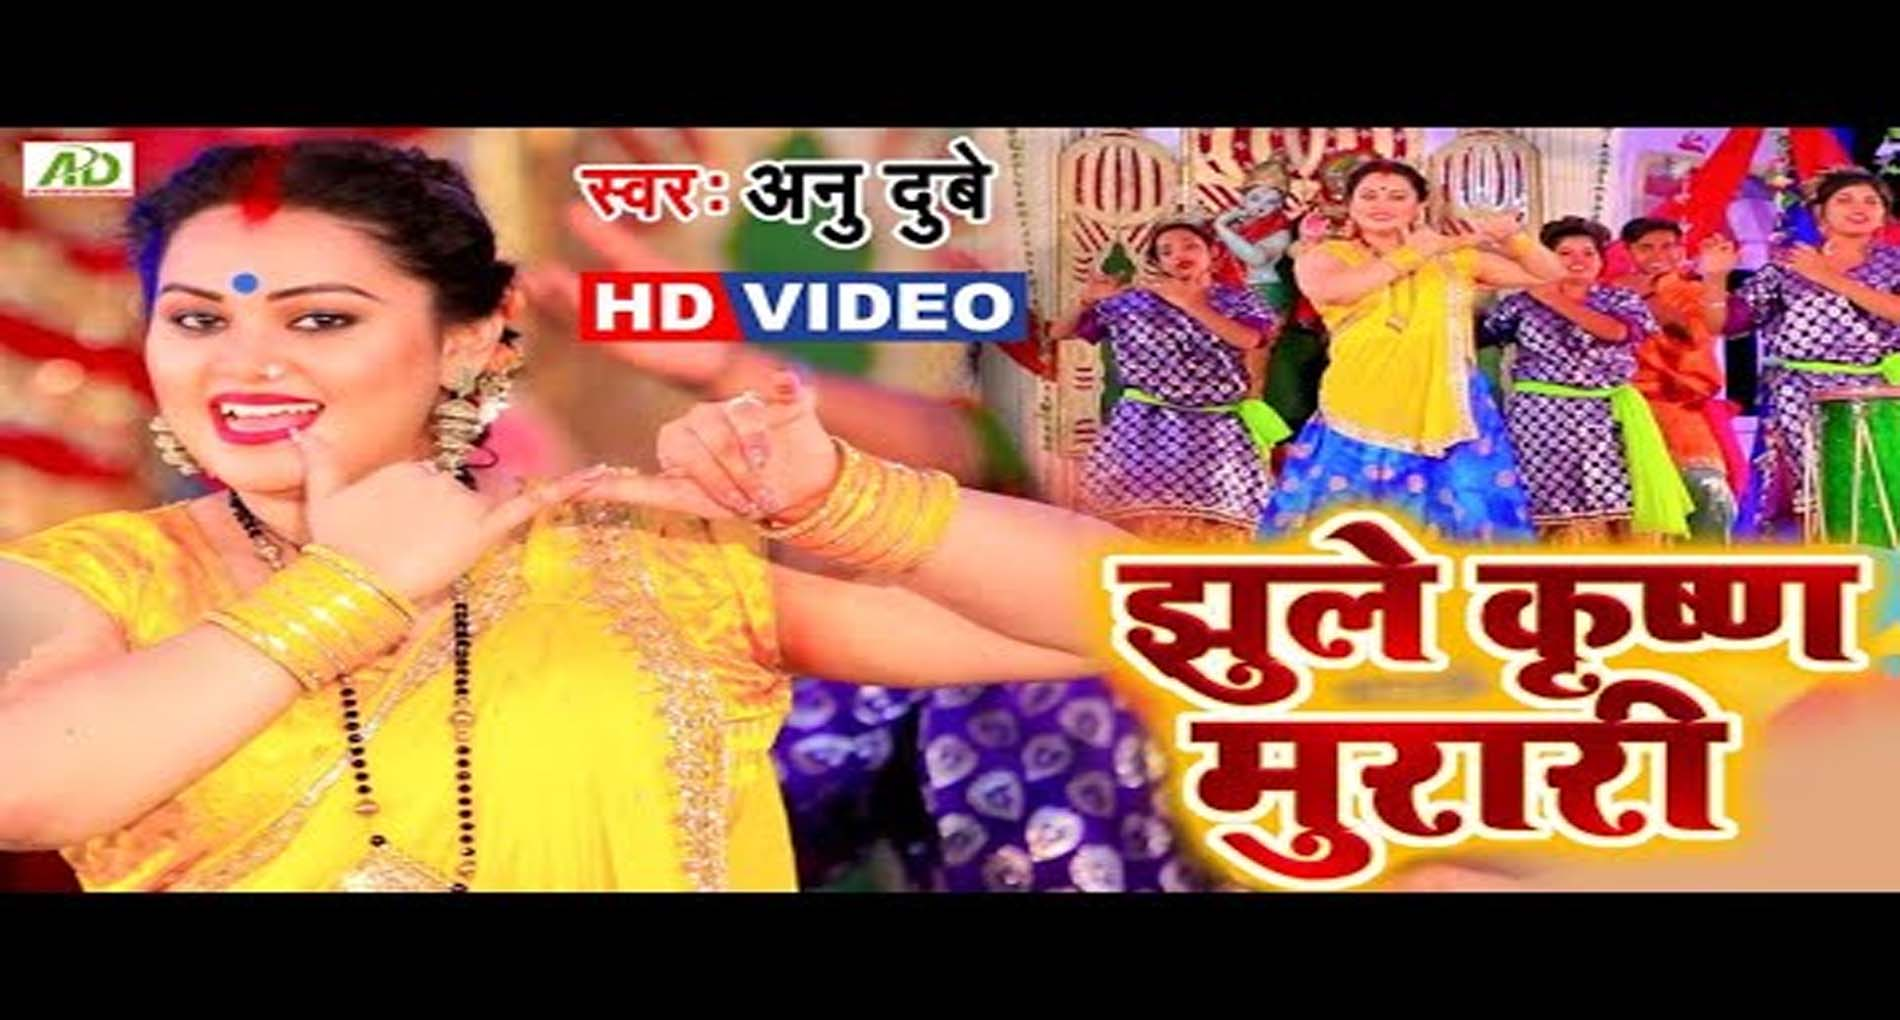 Bhojpuri Krishna Janmashtami Bhajan: अनु का कृष्णा-जन्माष्टमी स्पेशल गीत हुआ वायरल! देखें वीडियो